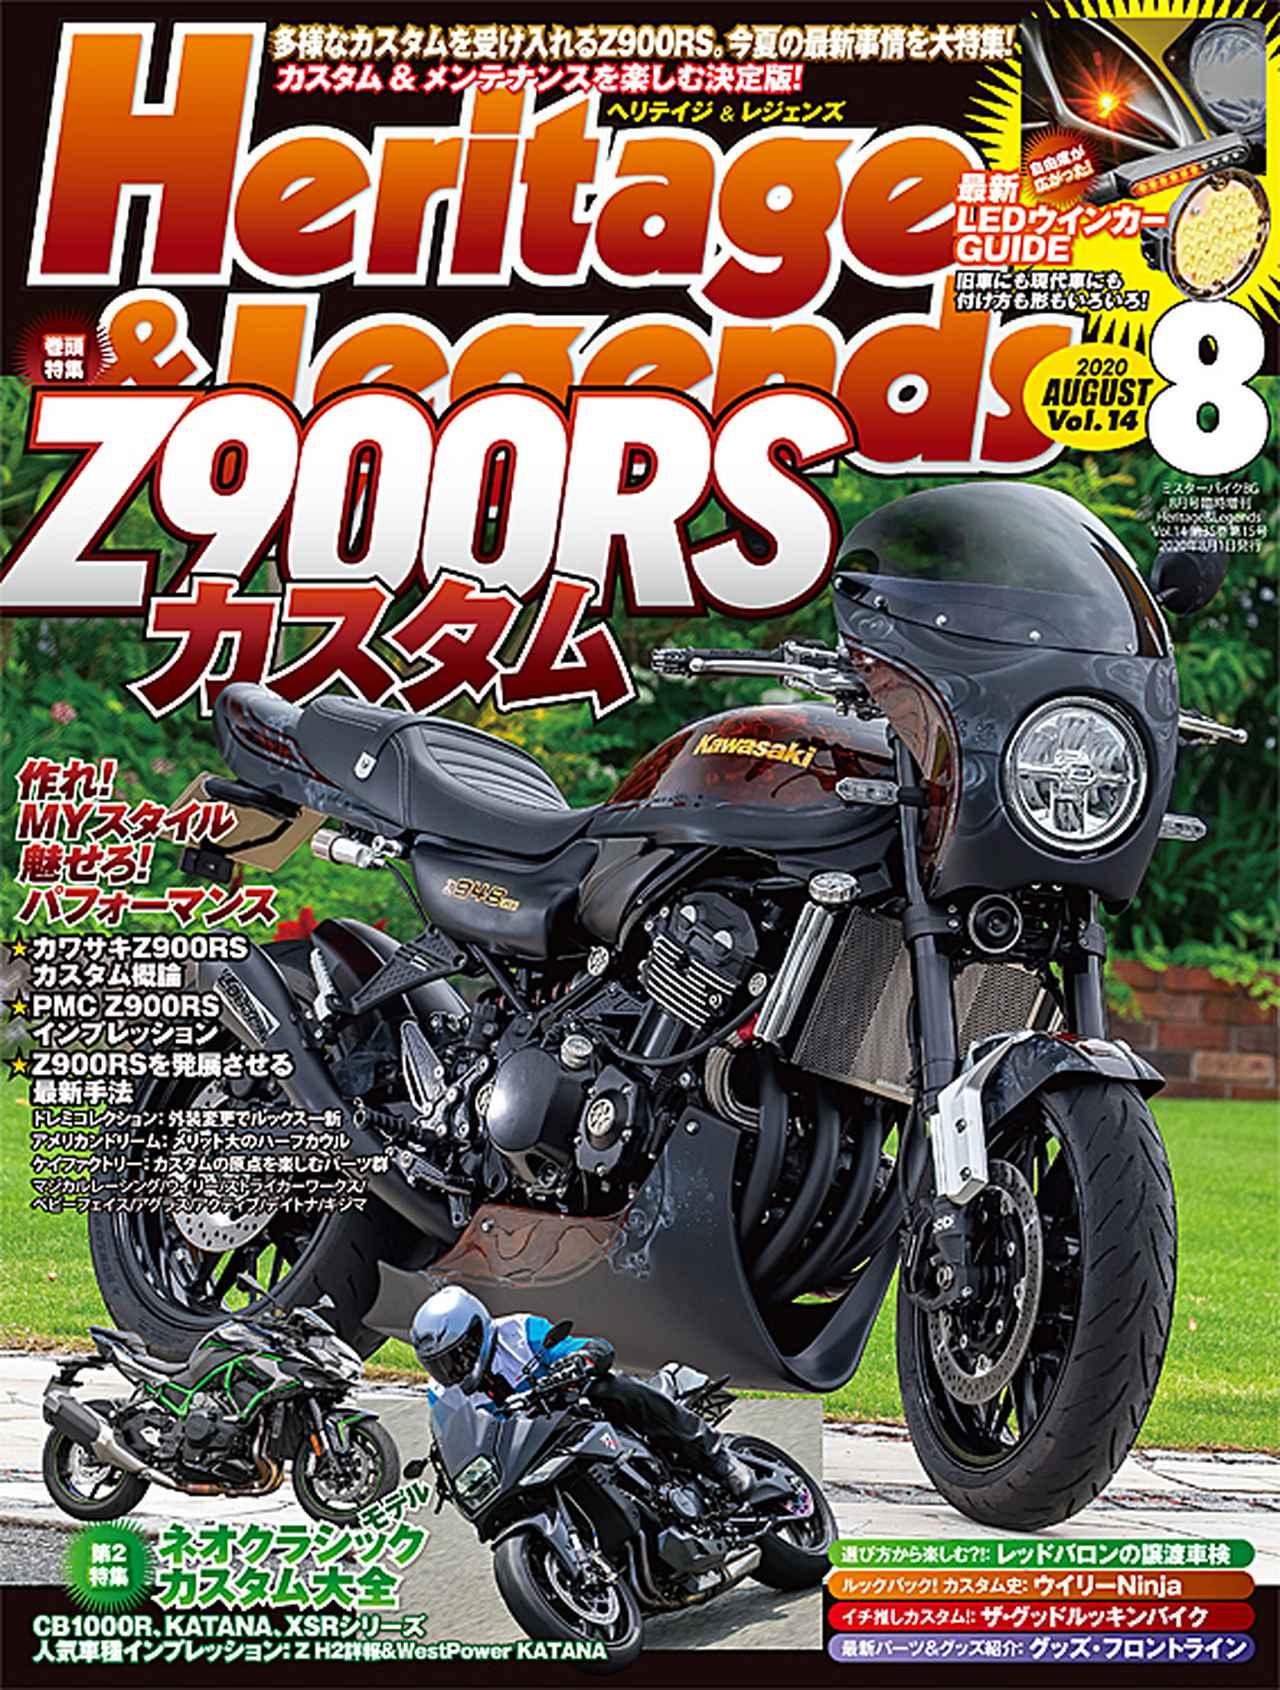 画像: 月刊『ヘリテイジ&レジェンズ』8月号(Vol.14)好評発売中!  ヘリテイジ&レジェンズ Heritage& Legends